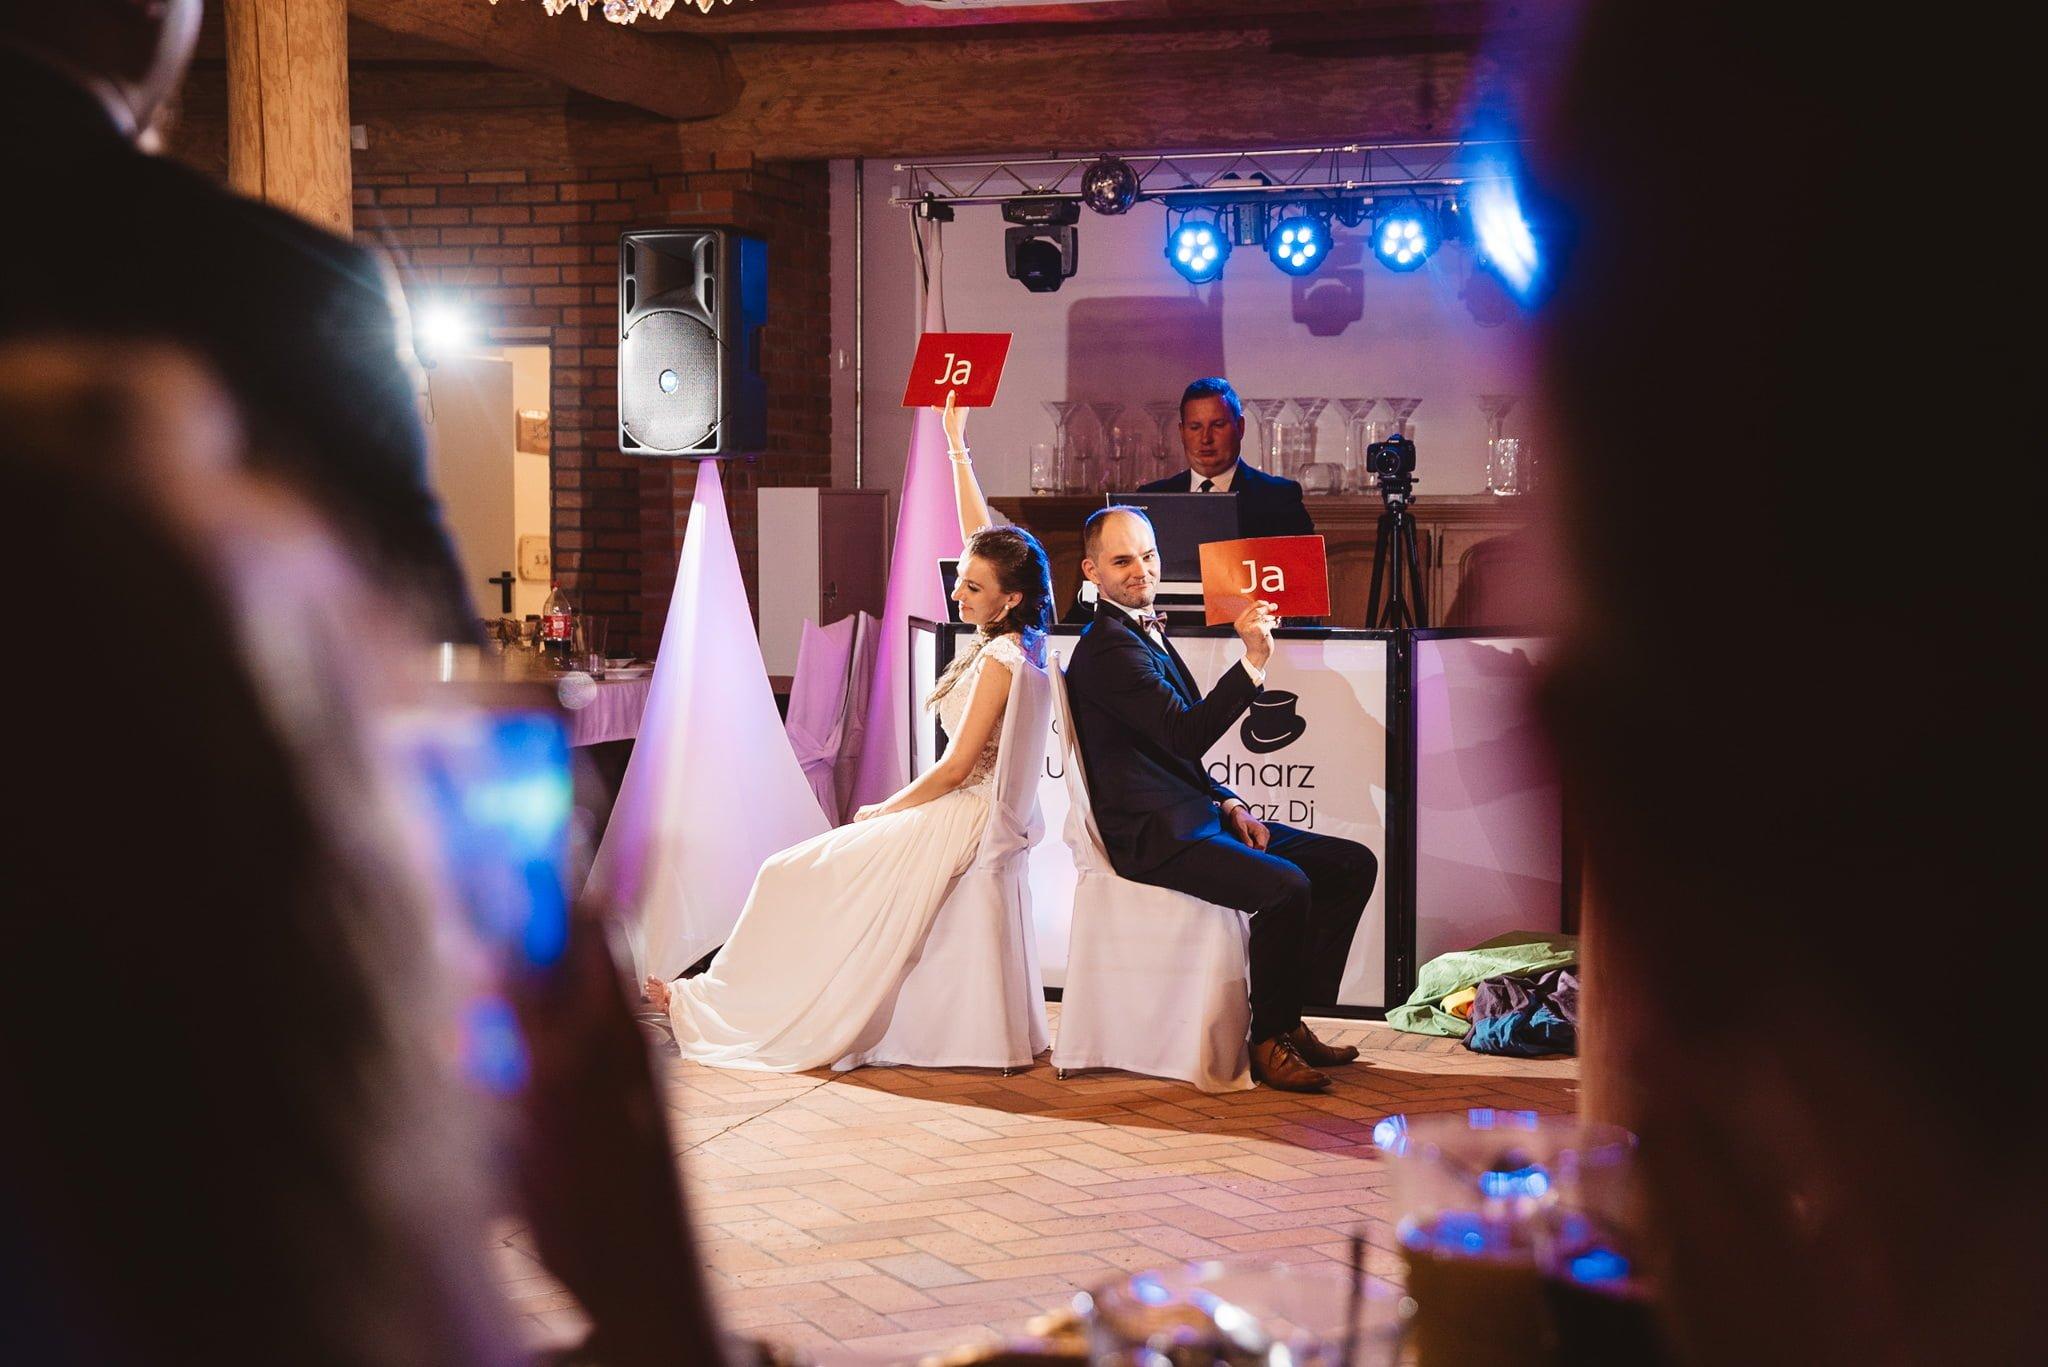 Ala i Arek, czyli jak zorganizować ślub i wesele w 4 tygodnie! 328